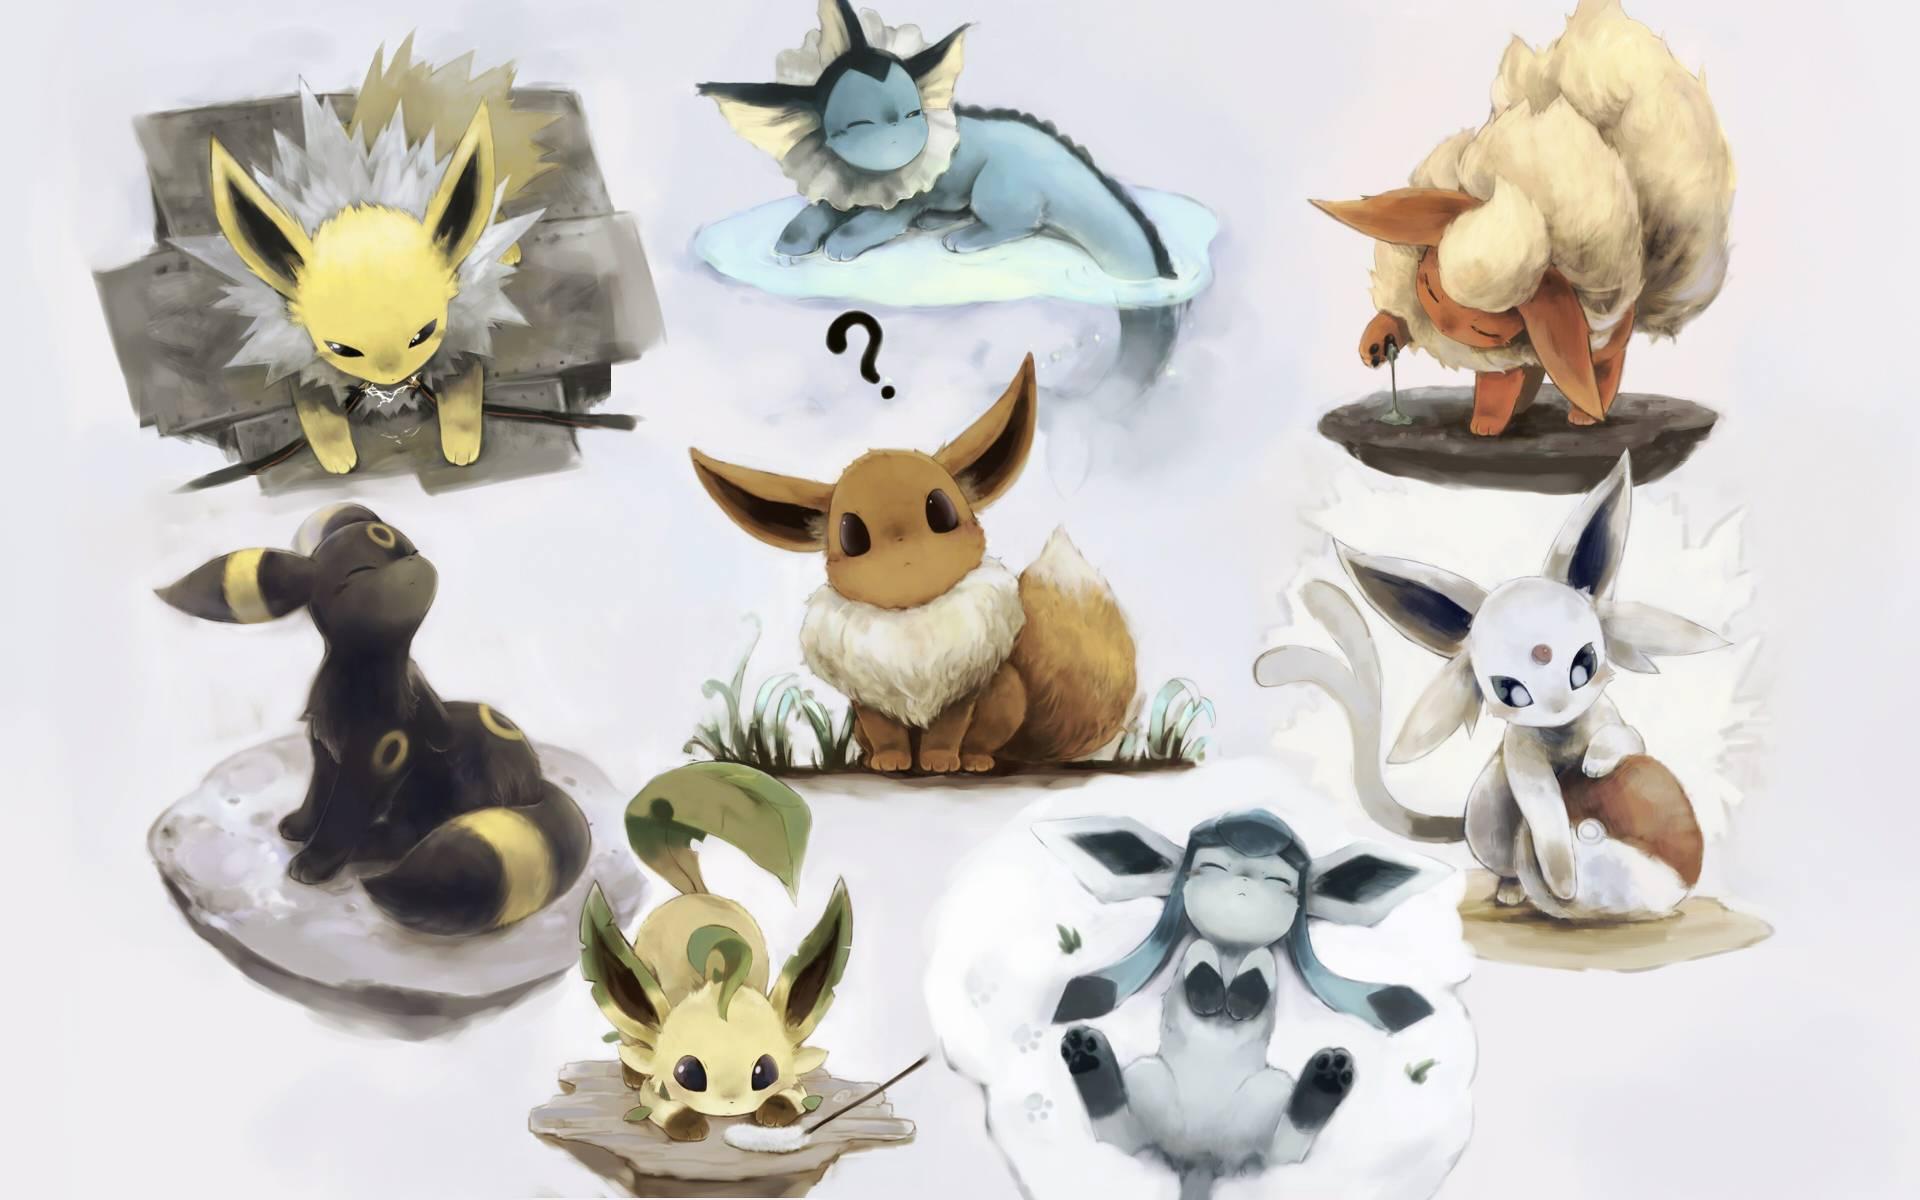 Pokemon Shiny Eevee Wallpaper Eevees evolutions 1920x1200